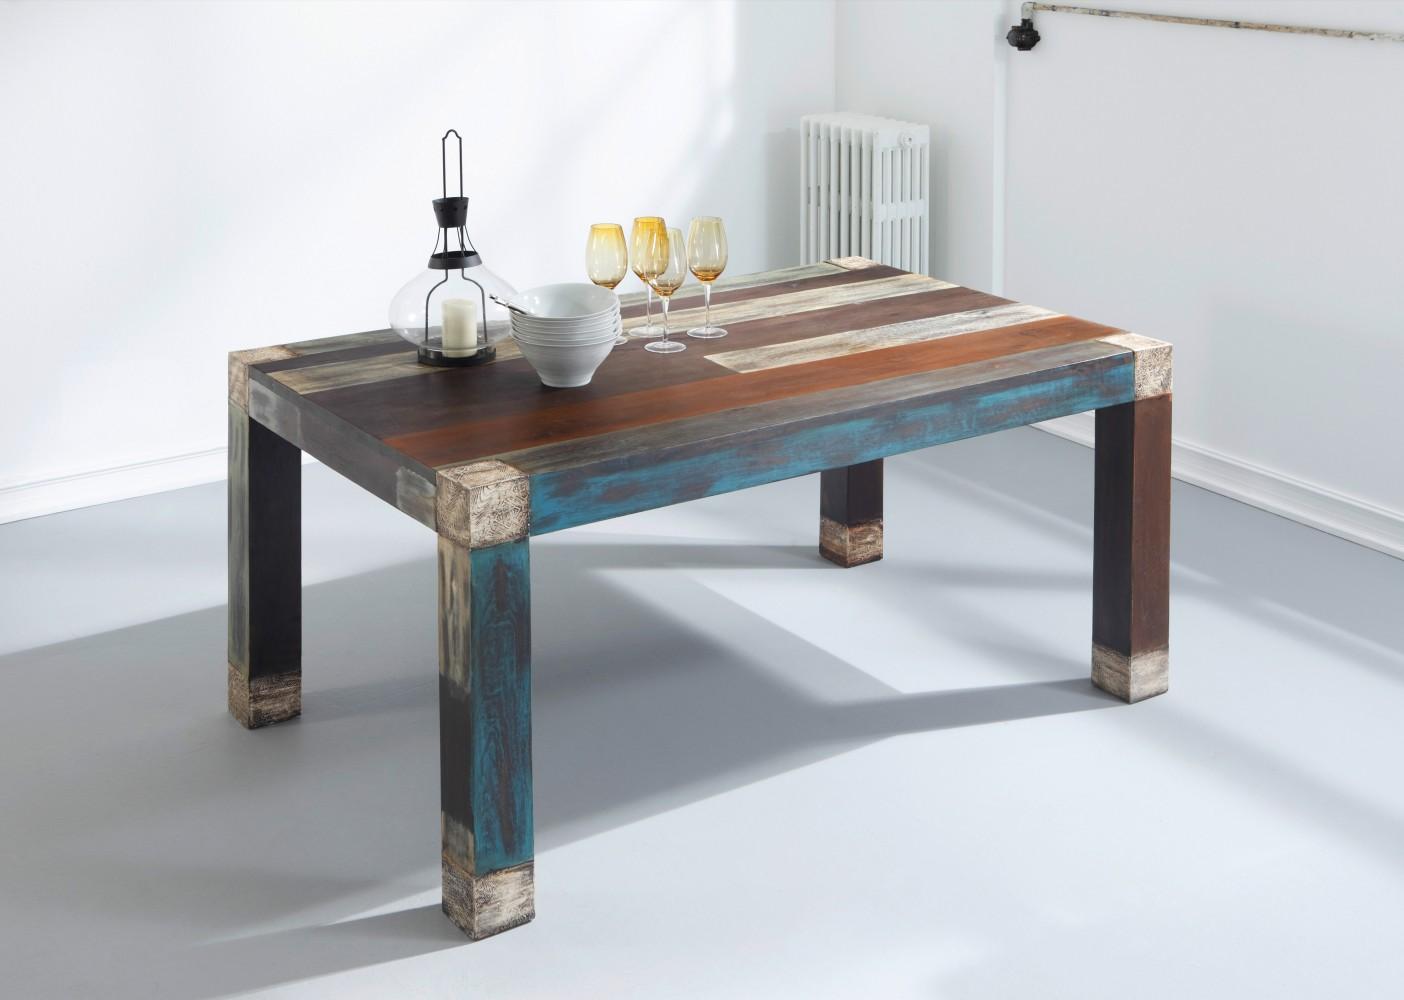 esstisch tisch goa big mango massivholz vintage 160x100 wolf m bel 3515 neu ebay. Black Bedroom Furniture Sets. Home Design Ideas